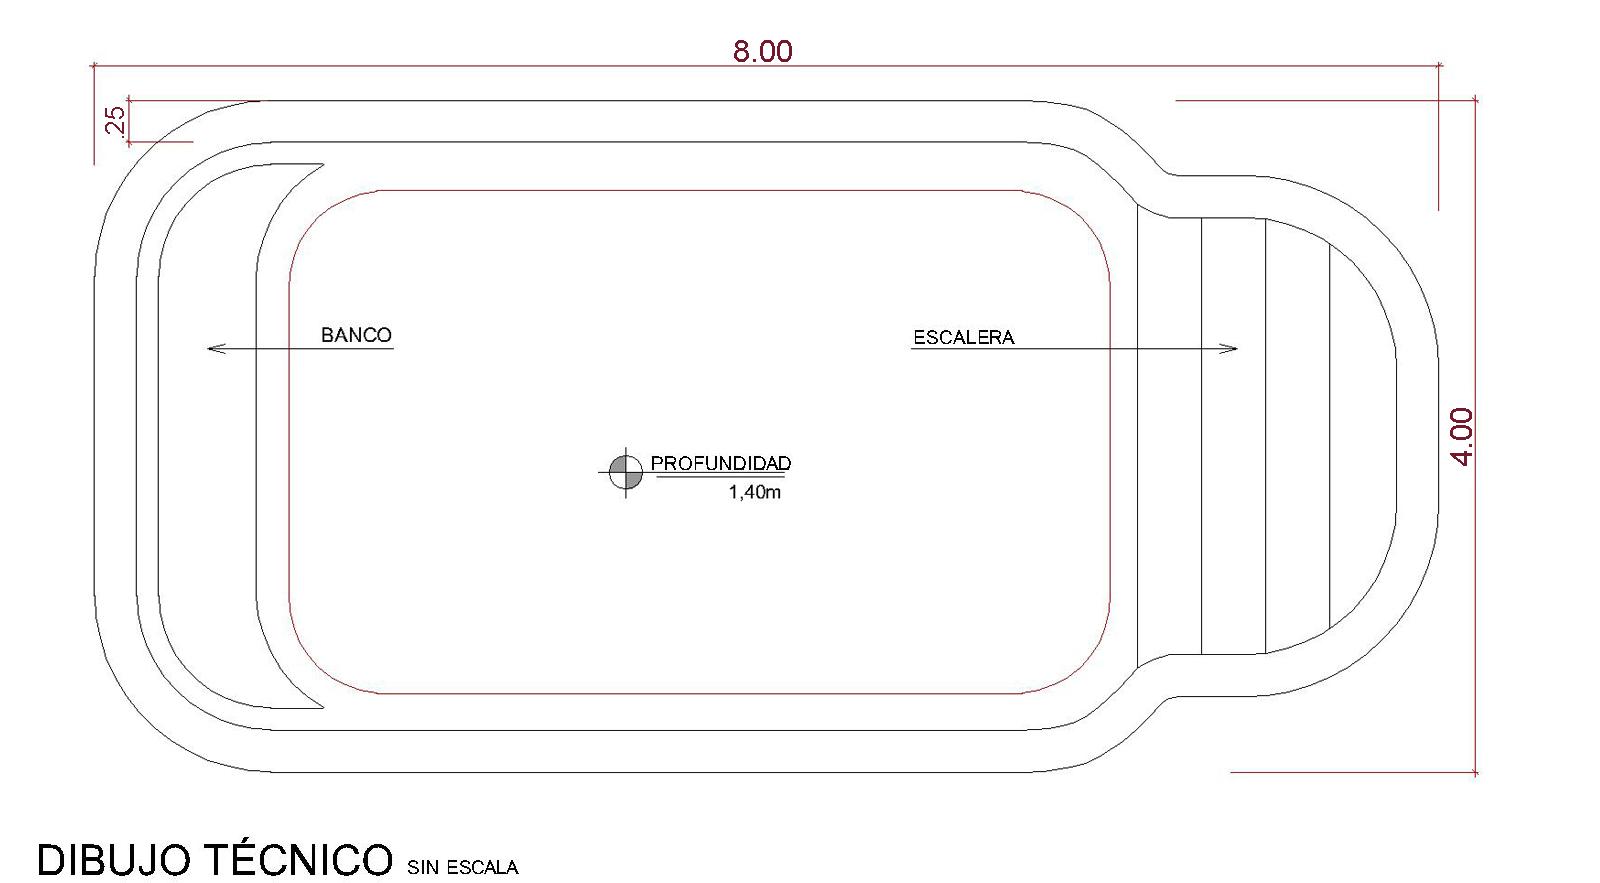 Dibujos técnicos Armação (sin escala)